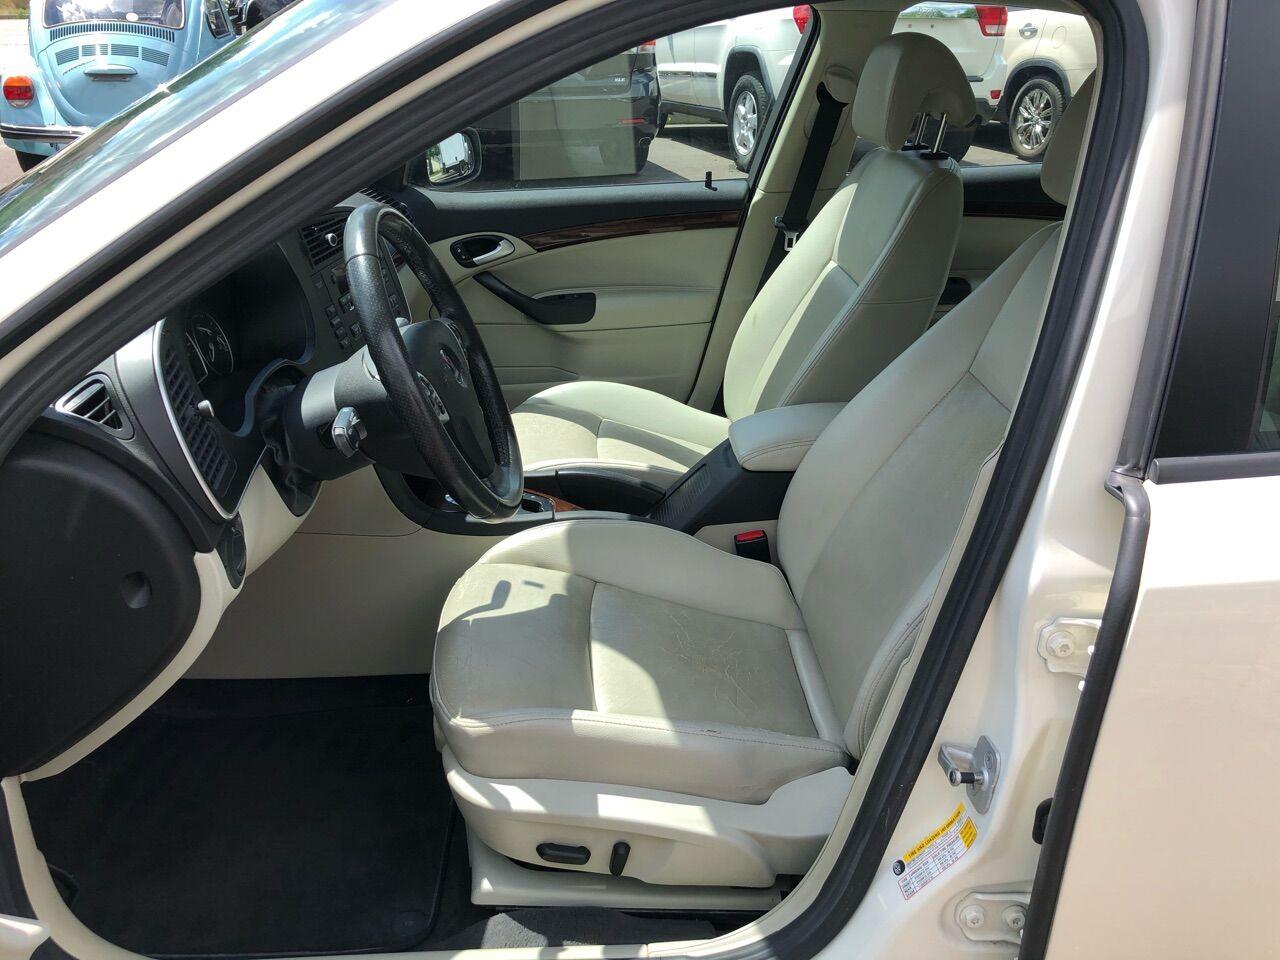 2009 Saab 9-3 4dr Car